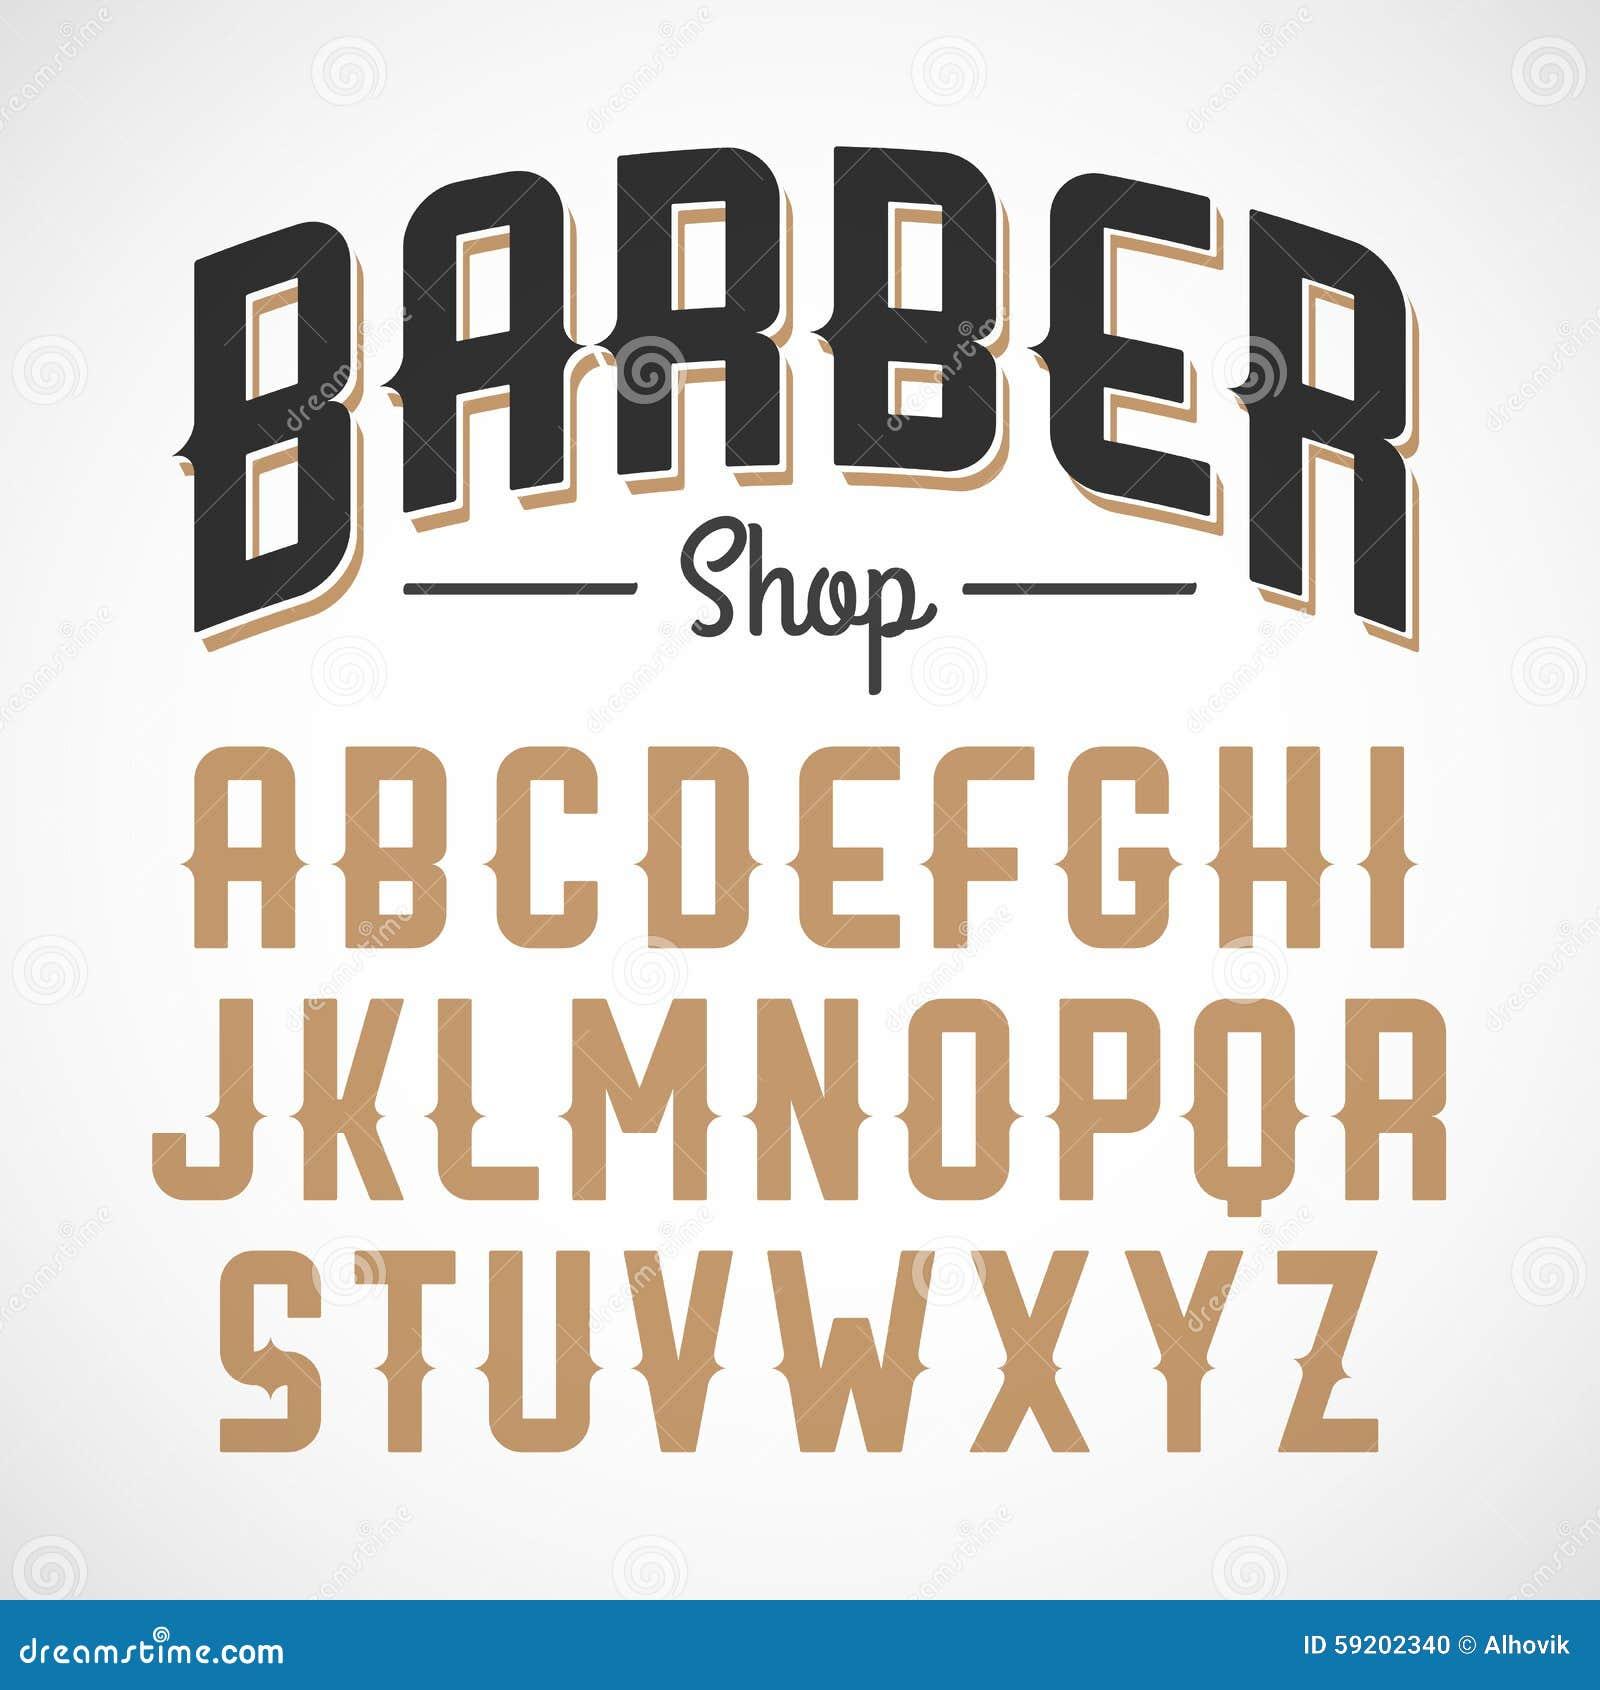 Barber shop, vintage style sans serif font.